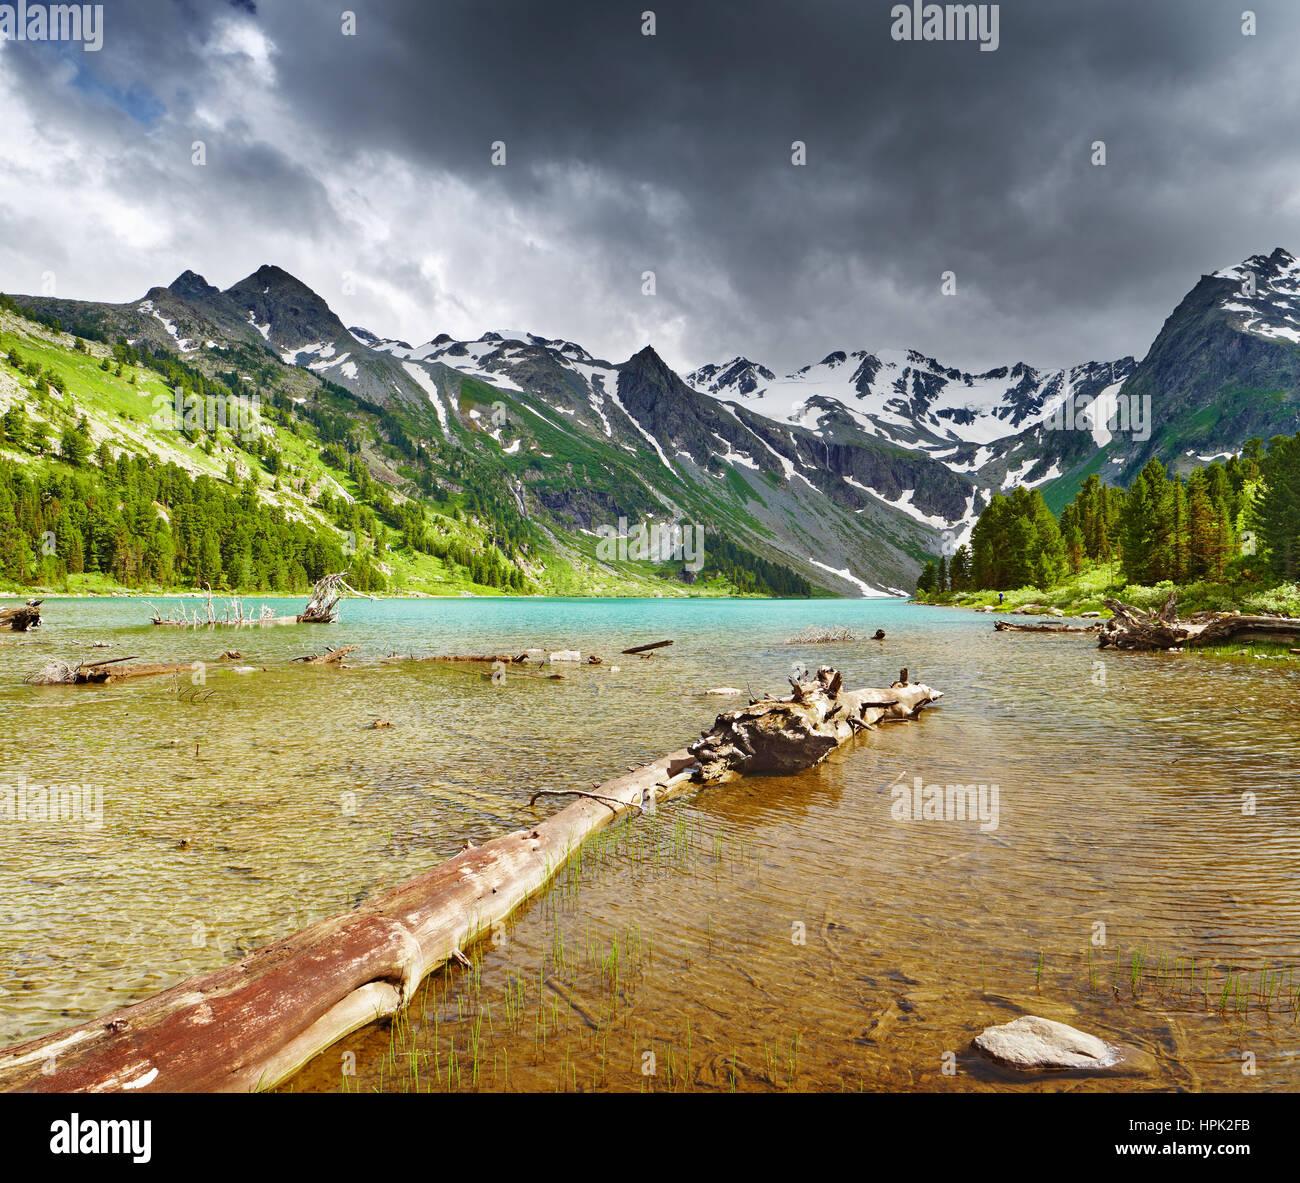 Mountain lake, Altai mountains, Russia - Stock Image